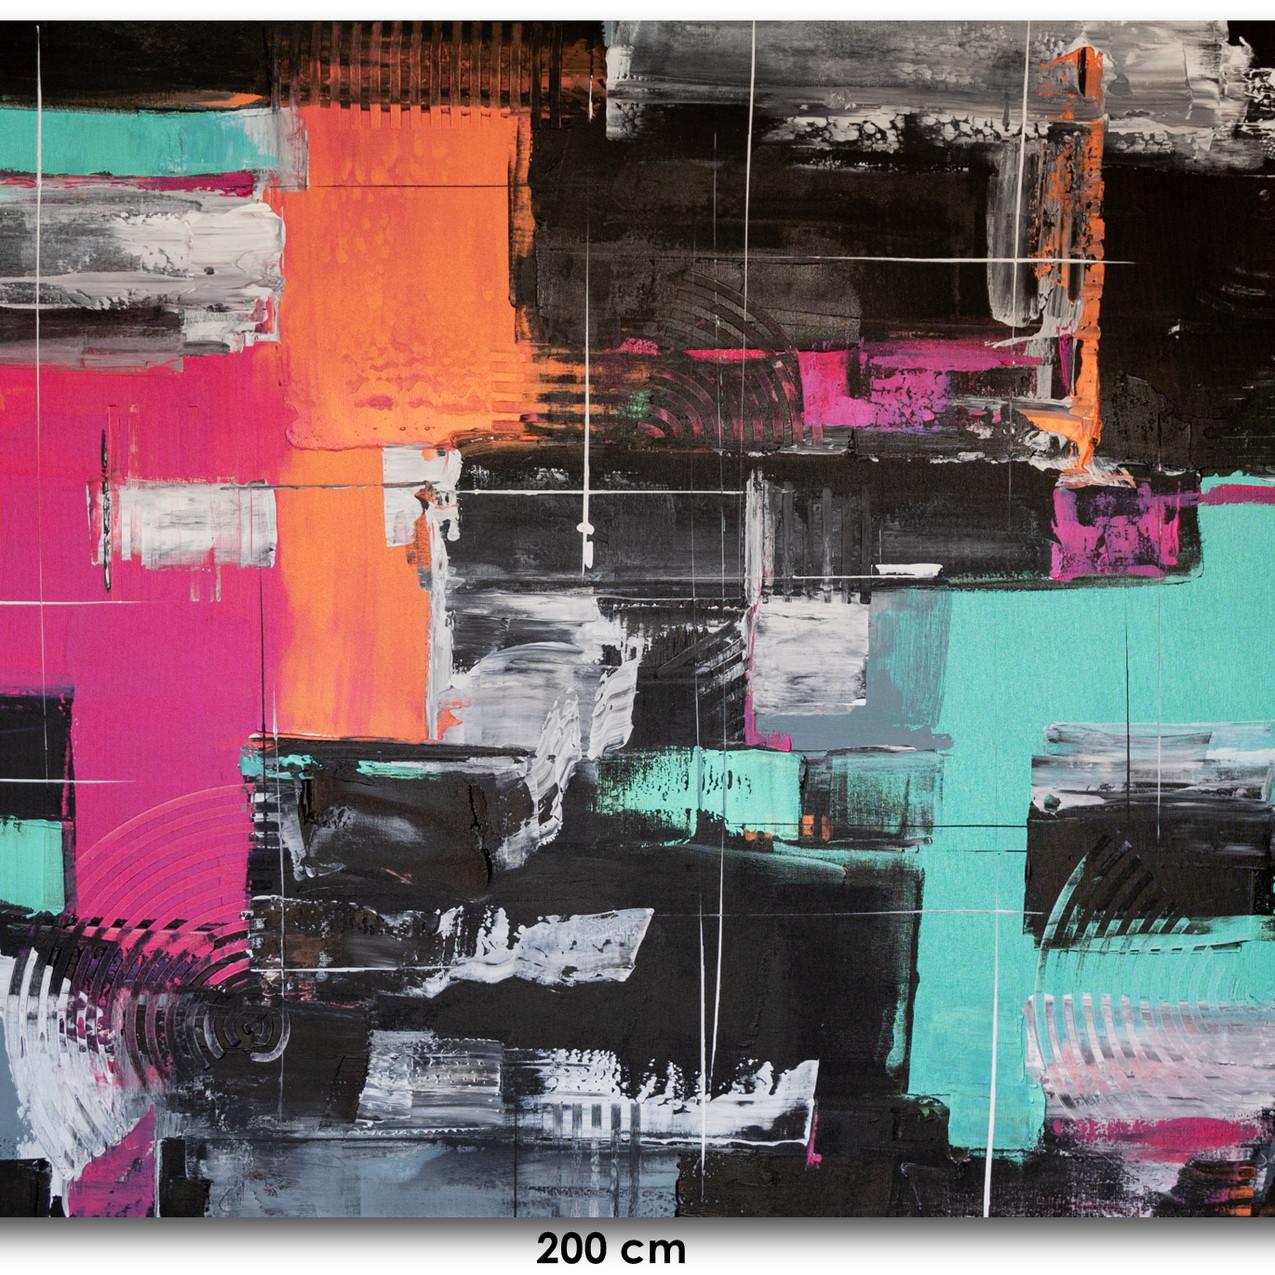 quadro abstrato grande para sala (2)